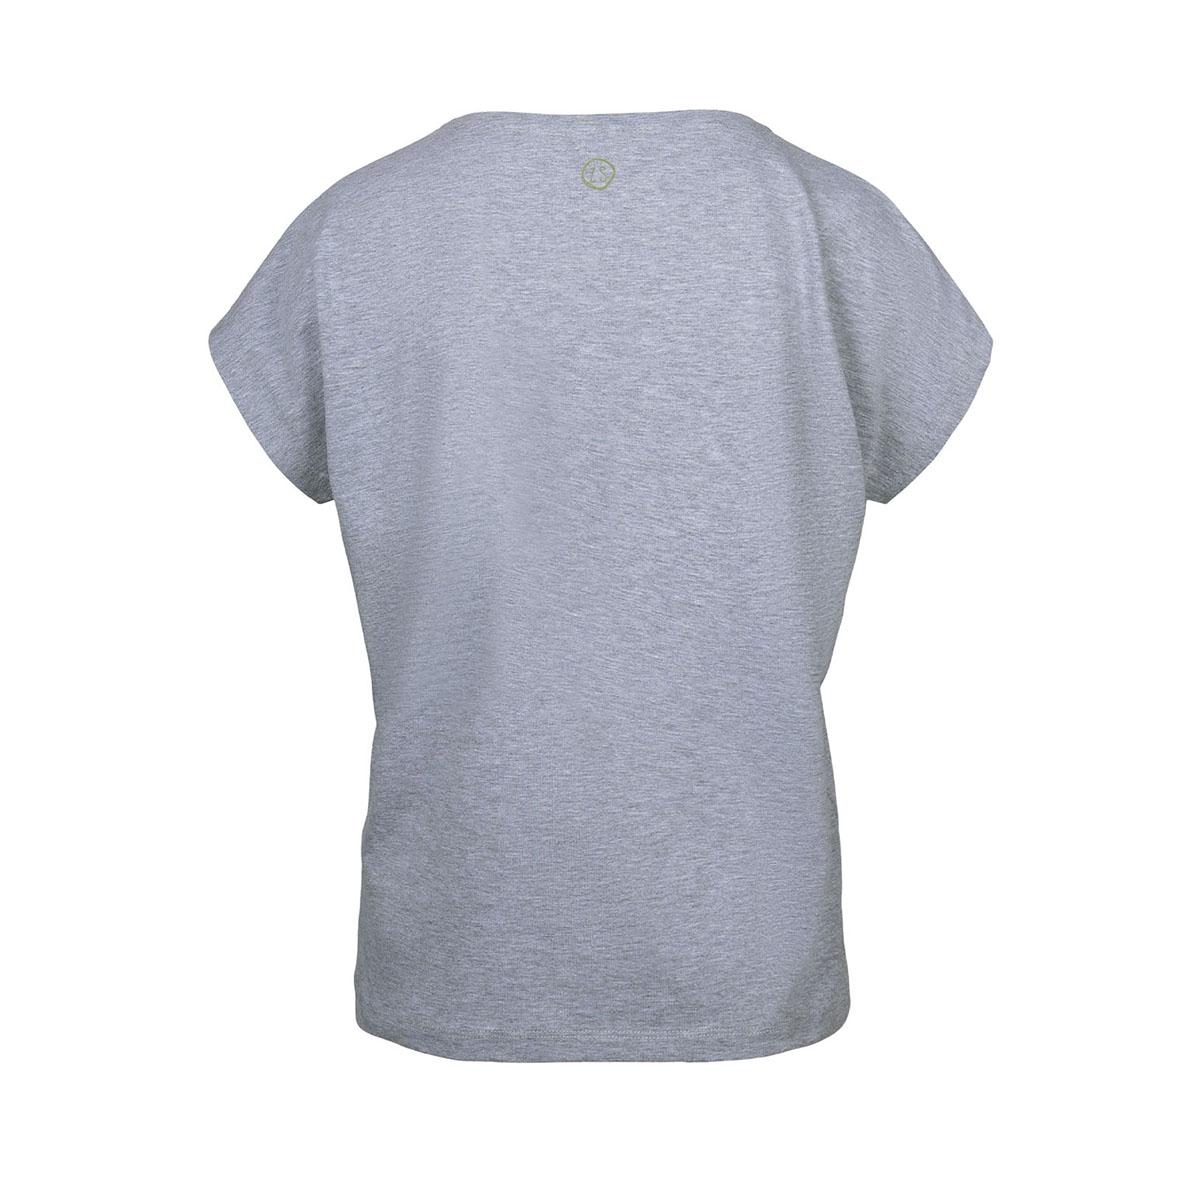 tof basic t-shirt 03tt19fbgr zusss t-shirt grijs melee